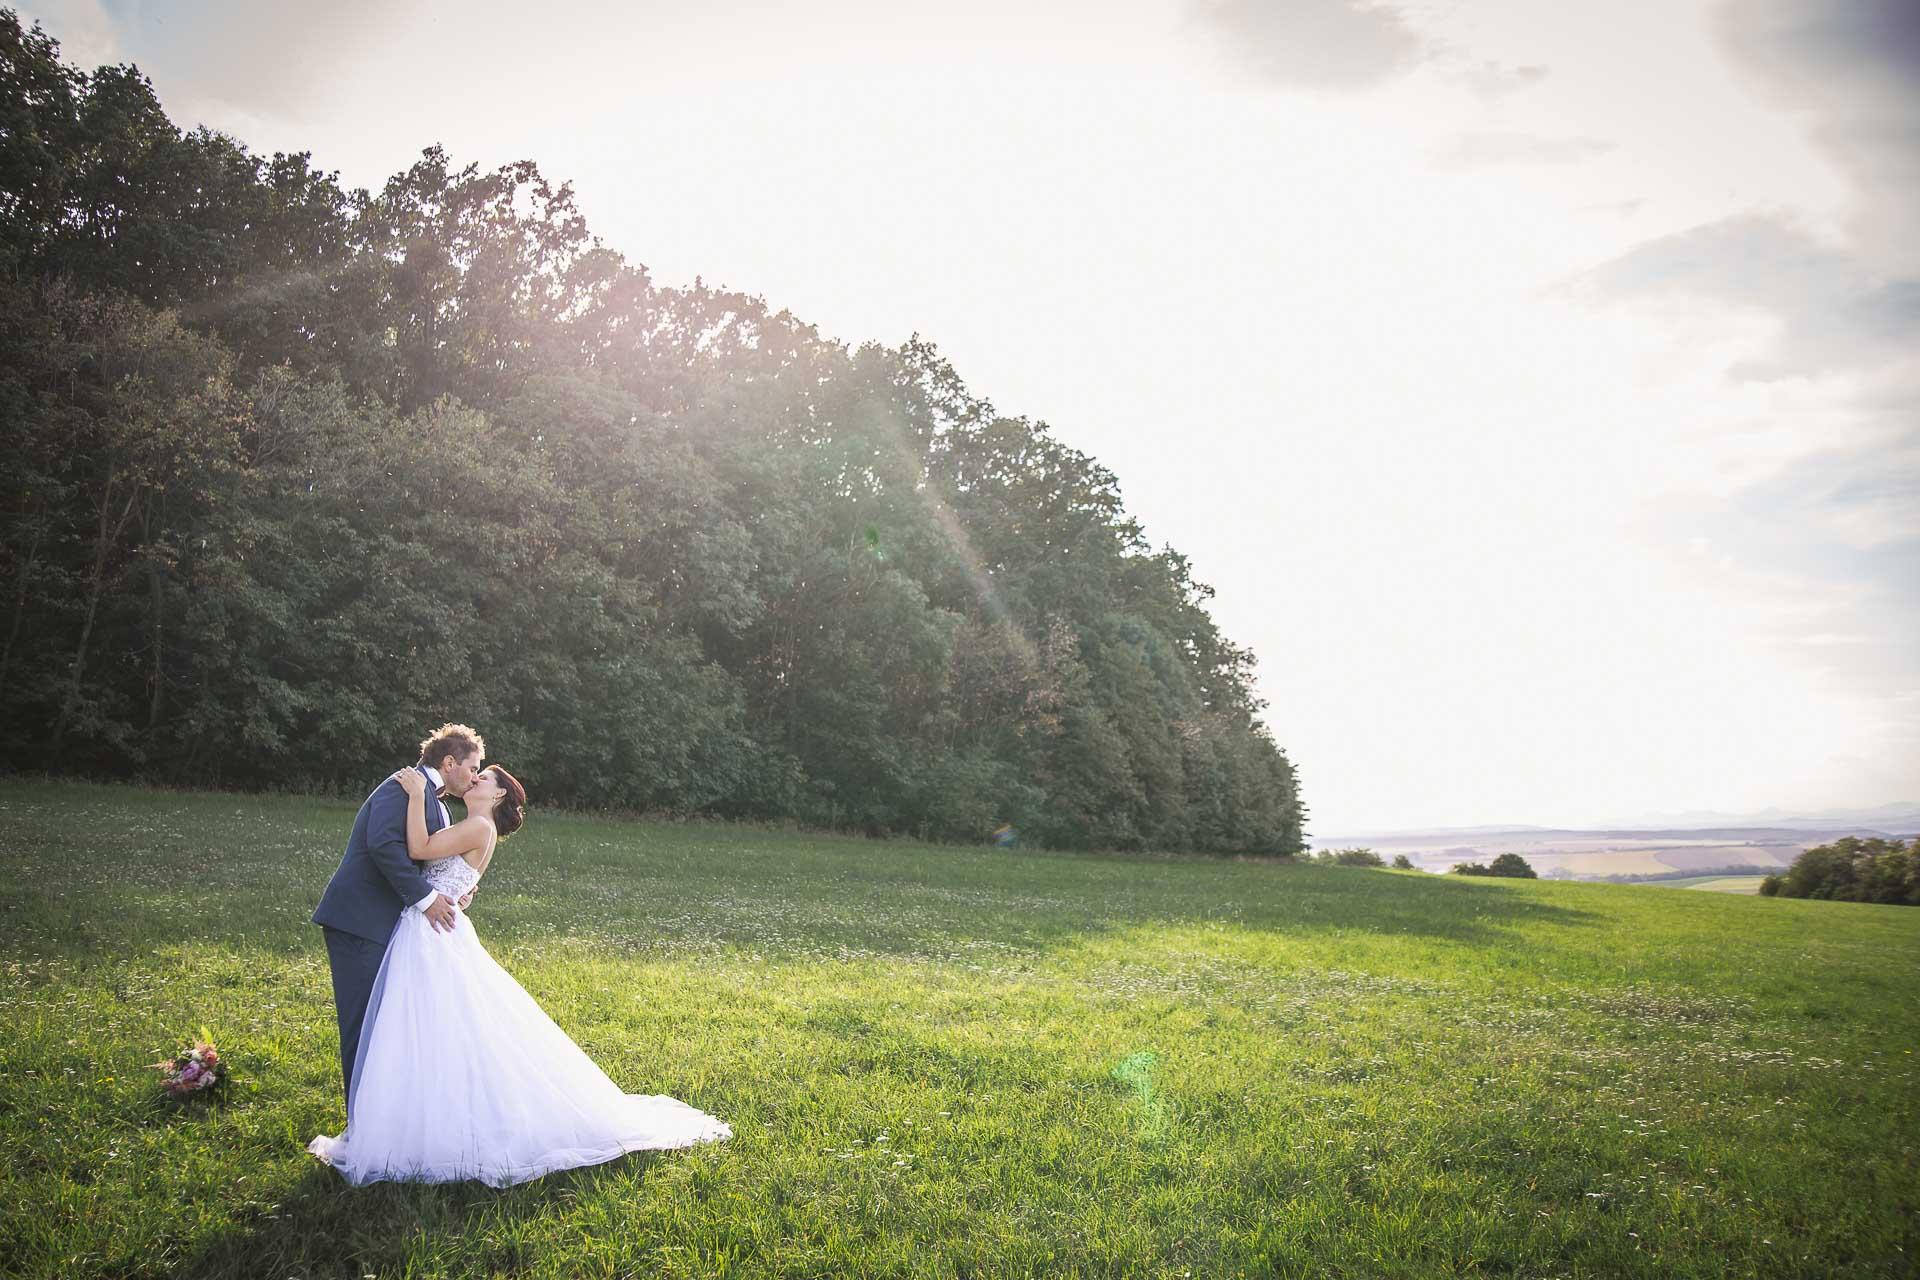 svatební-fotografie-Říp-svatební-video-ŘÍP-svatební-fotograf-ŘÍP-svatba-Mělník-svatba-Neratovice-fotograf-na-savtbu-kameraman-na-svatbu-367